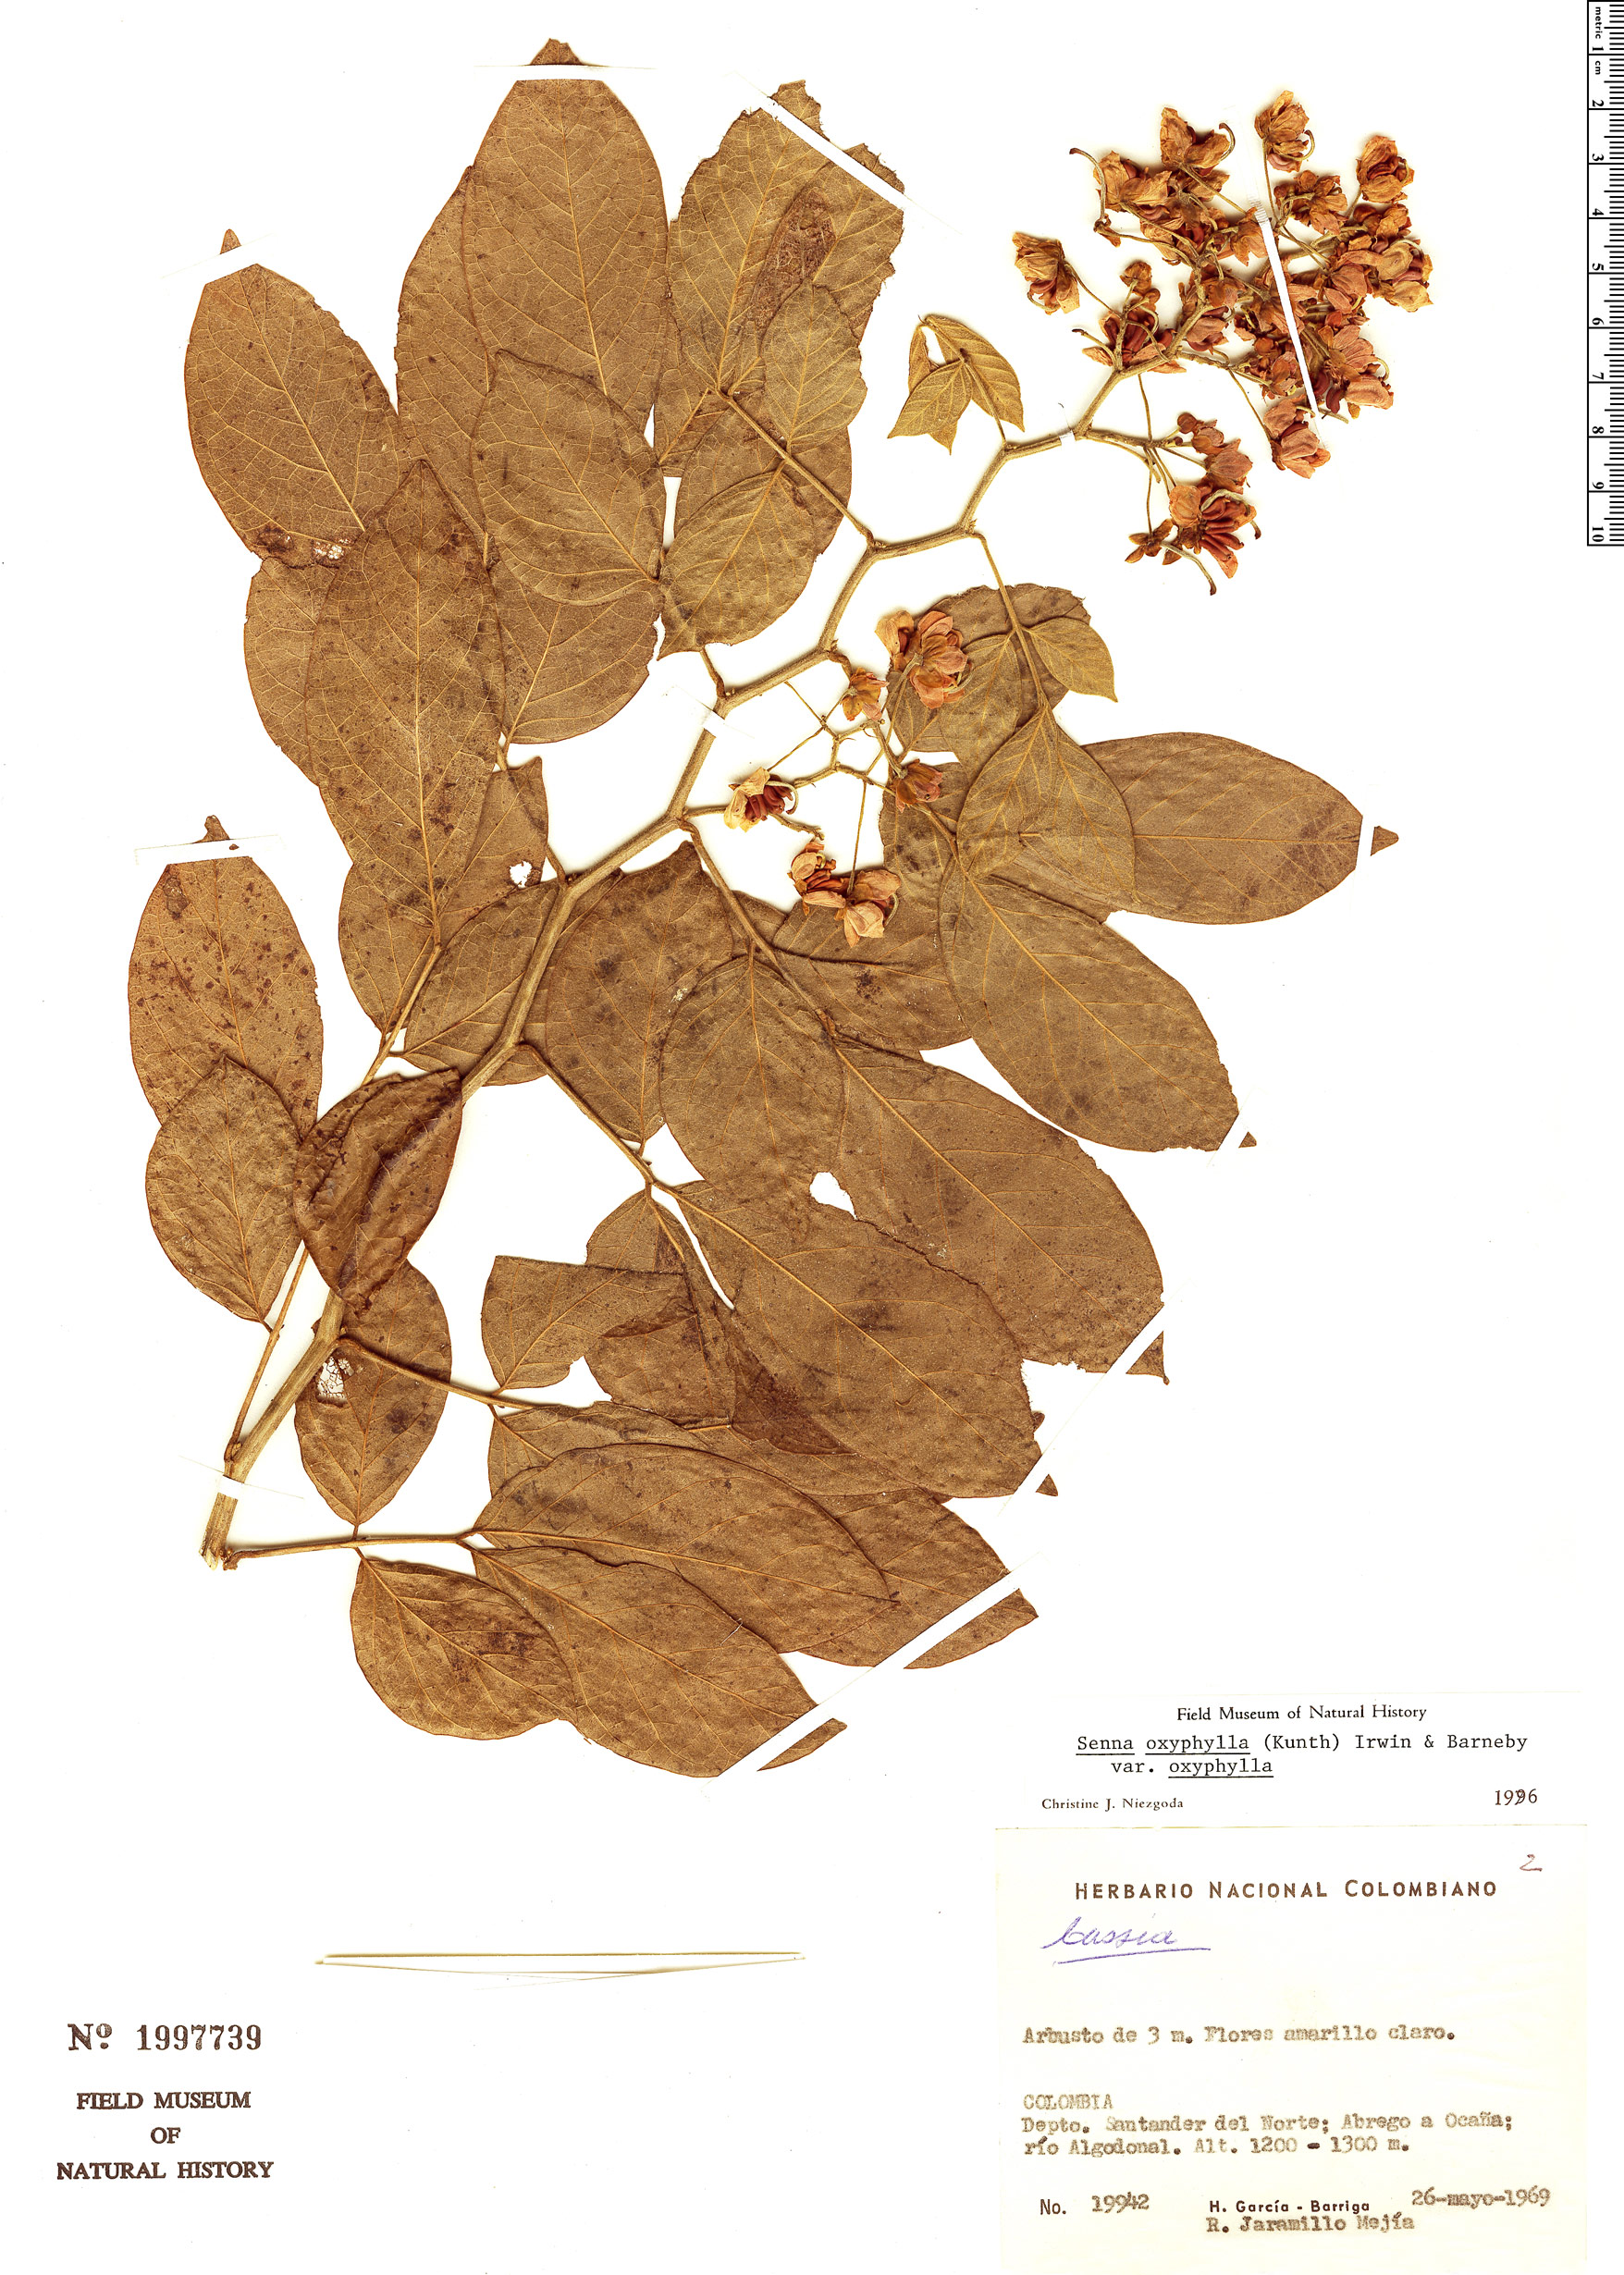 Specimen: Senna oxyphylla